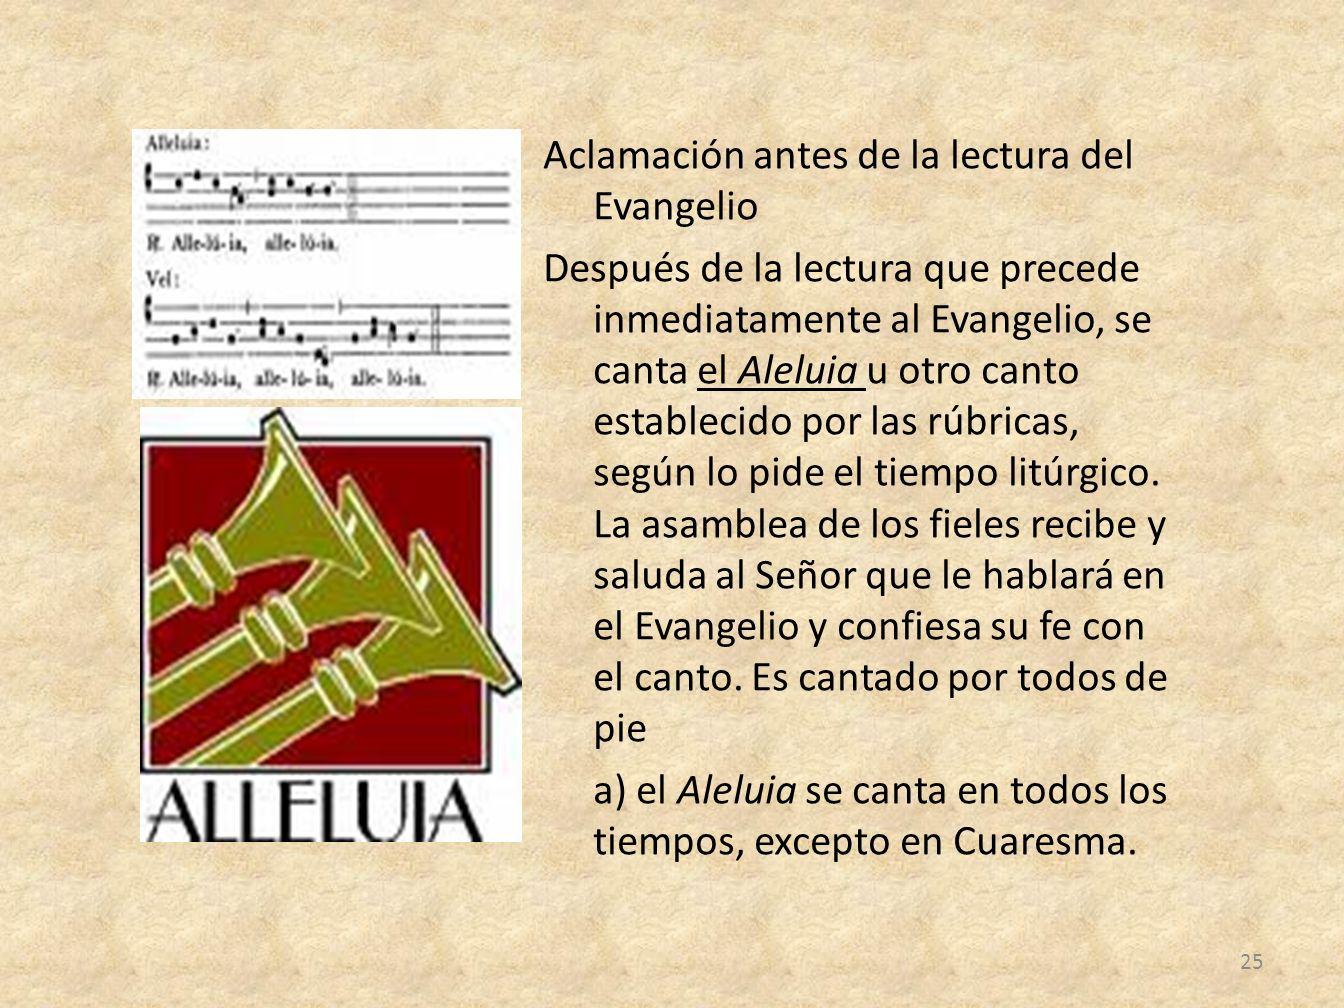 Aclamación antes de la lectura del Evangelio Después de la lectura que precede inmediatamente al Evangelio, se canta el Aleluia u otro canto estableci